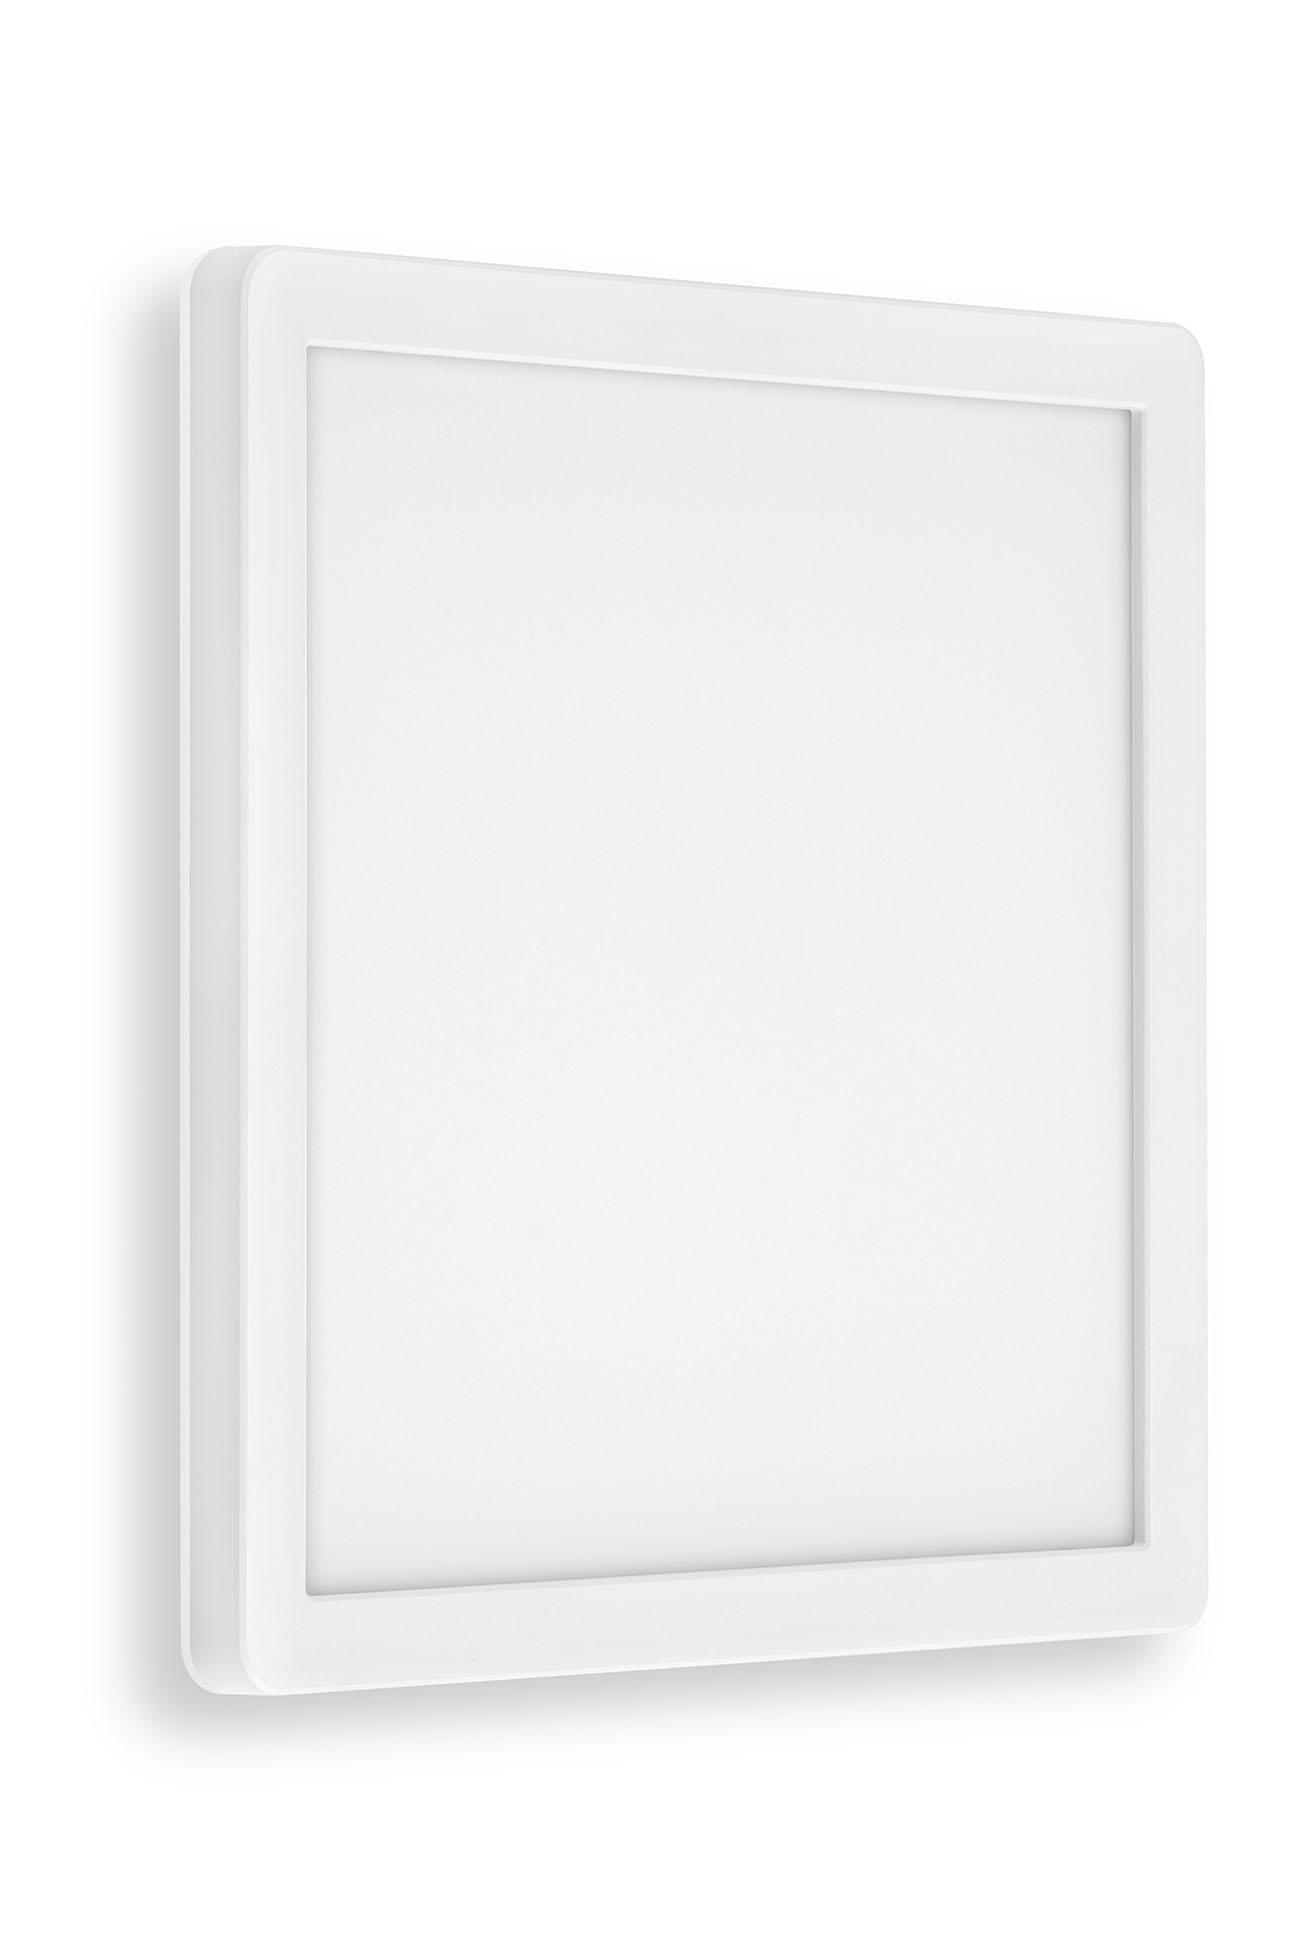 TELEFUNKEN LED Außenwandleuchte, 25 cm, 15 W, Weiß